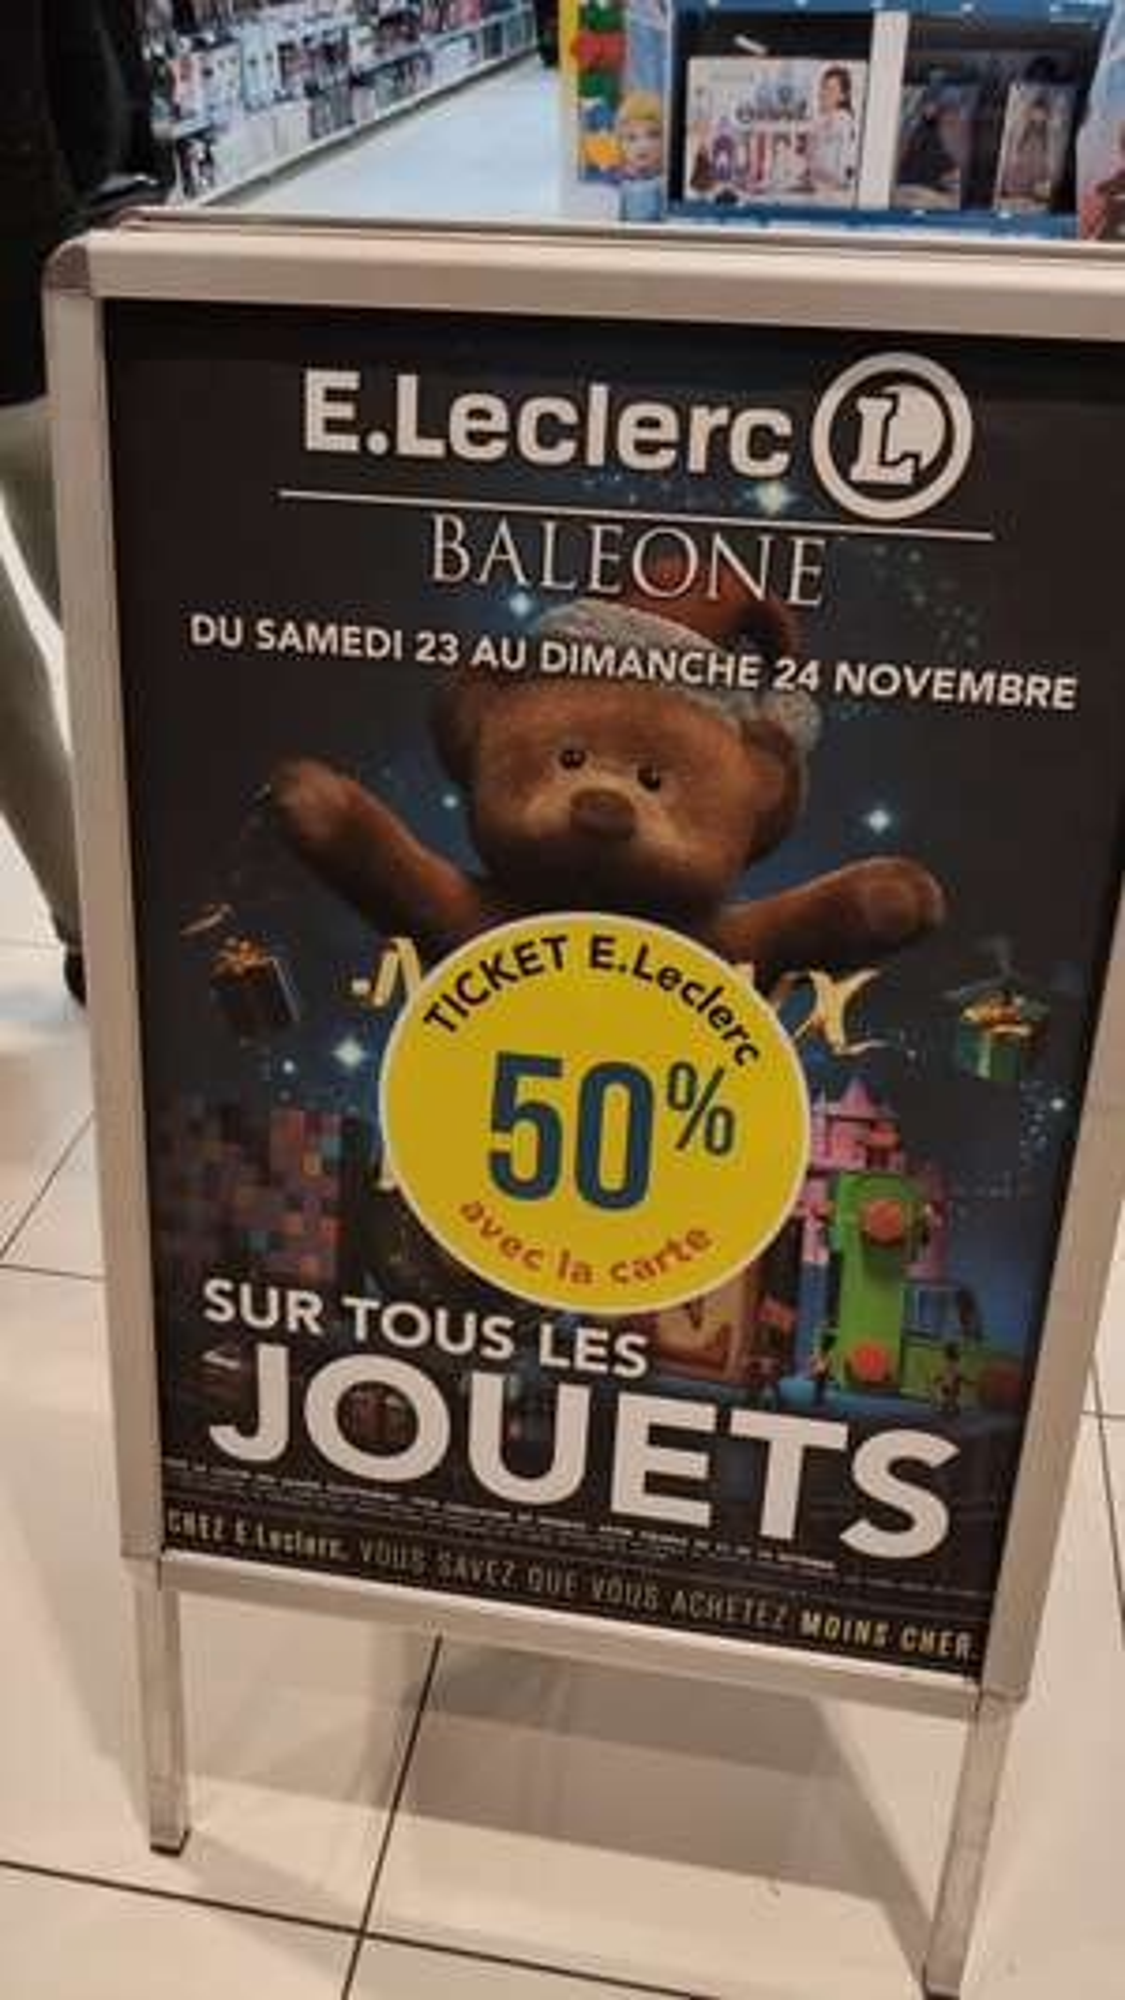 -50% en remise fidélité sur tous les jouets - Baleone Ajaccio (2A)